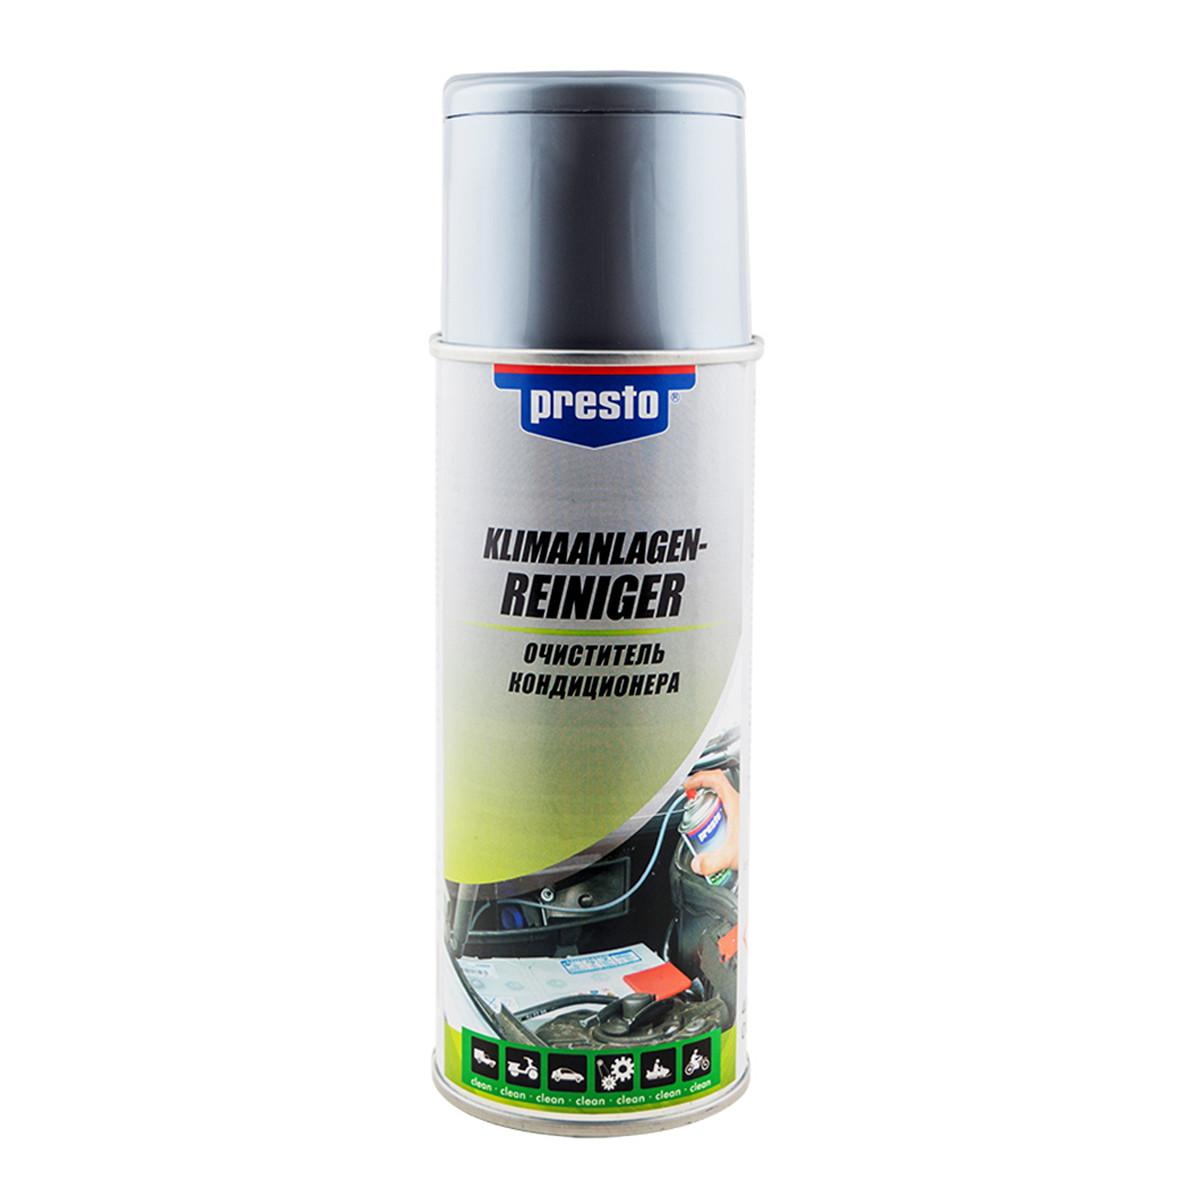 Очиститель кондиционера Presto Klimaanlagen-Reiniger 400 мл (281624)